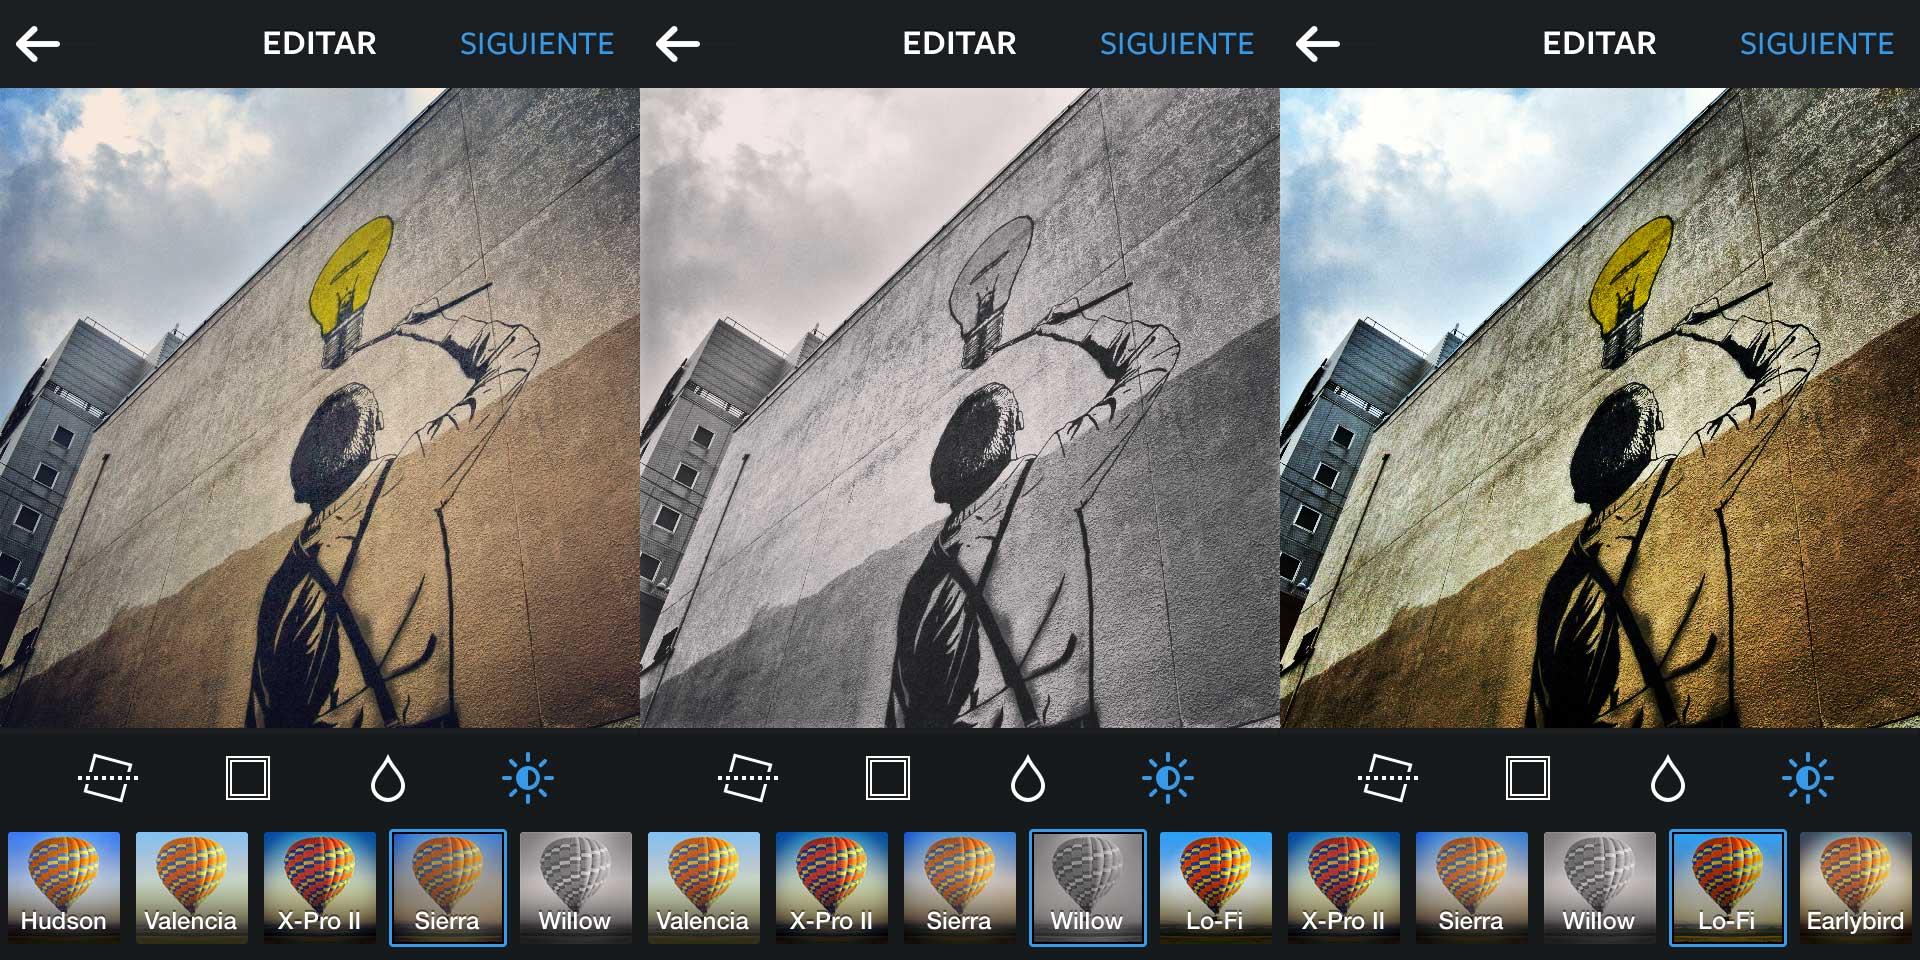 Fotos retocadas con Instagram